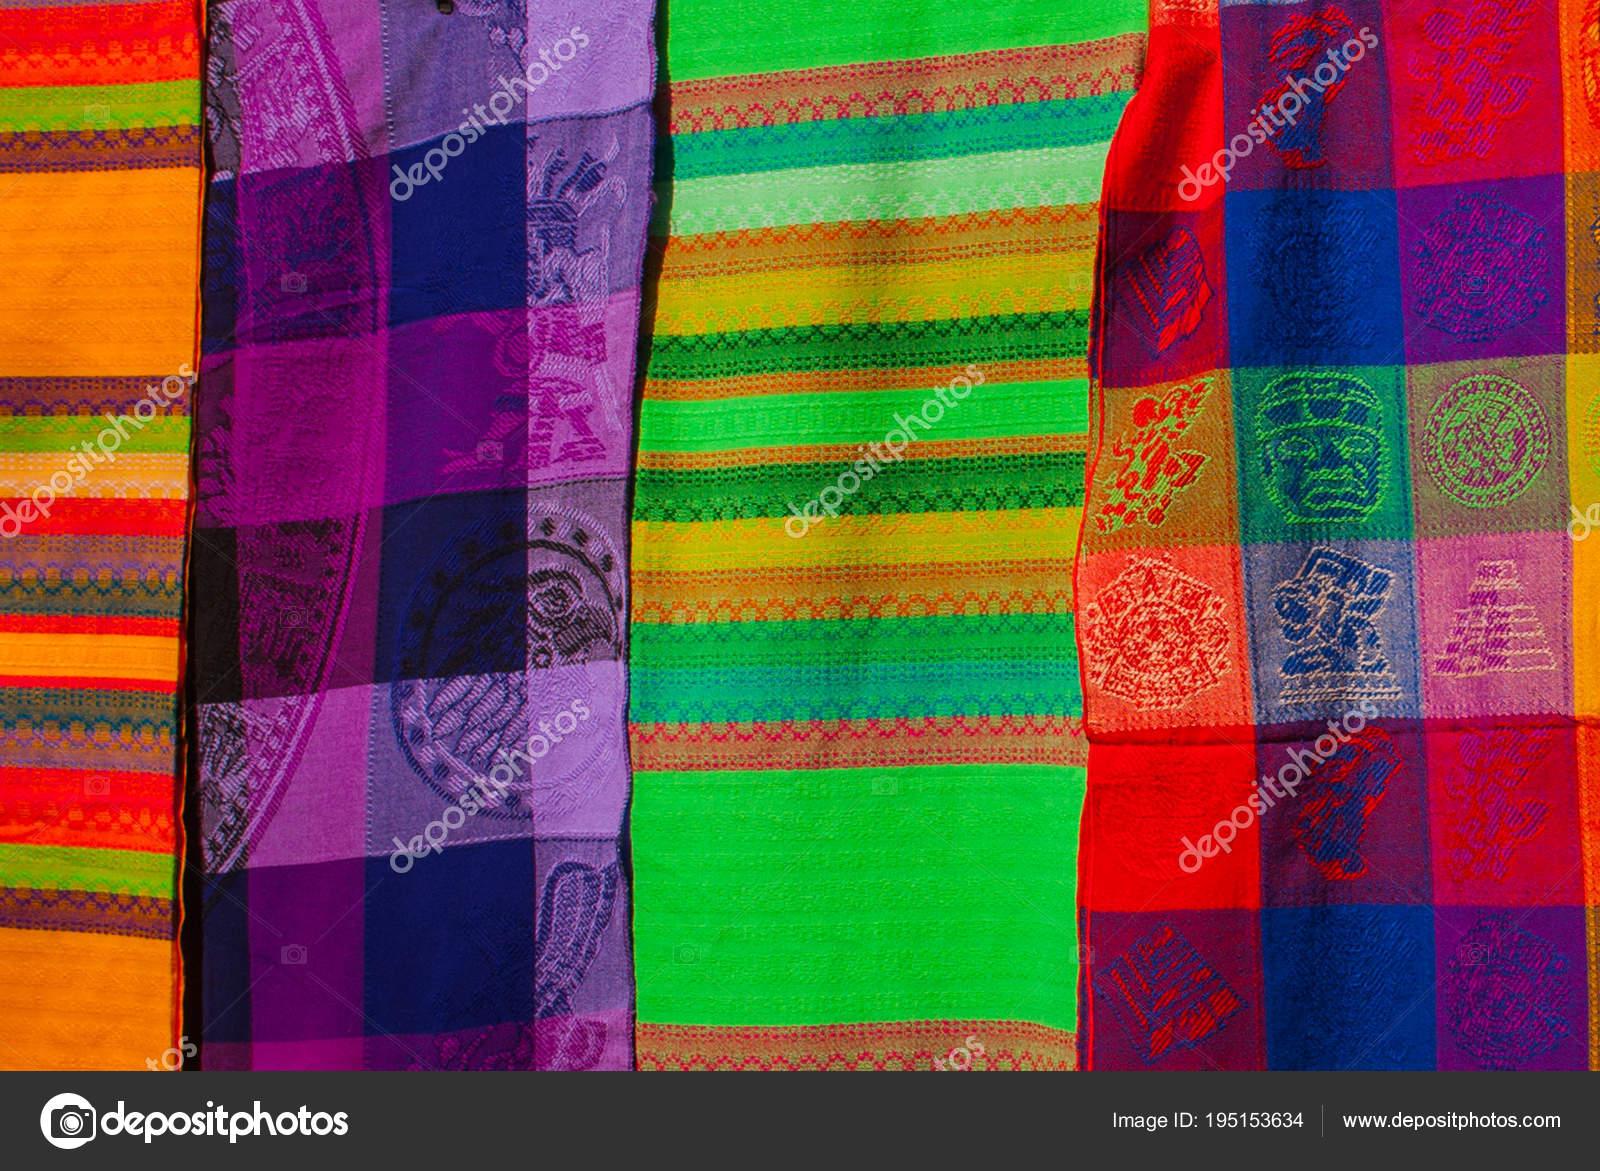 7fa92ac071 Ajándéktárgyak a piacon. Multi-színes ruhák. Nemzeti ruházat, Mexikó. Tarka  textil, hogy a latin-amerikai kultúra képviselője. Kendő, fényes színes–  stock ...